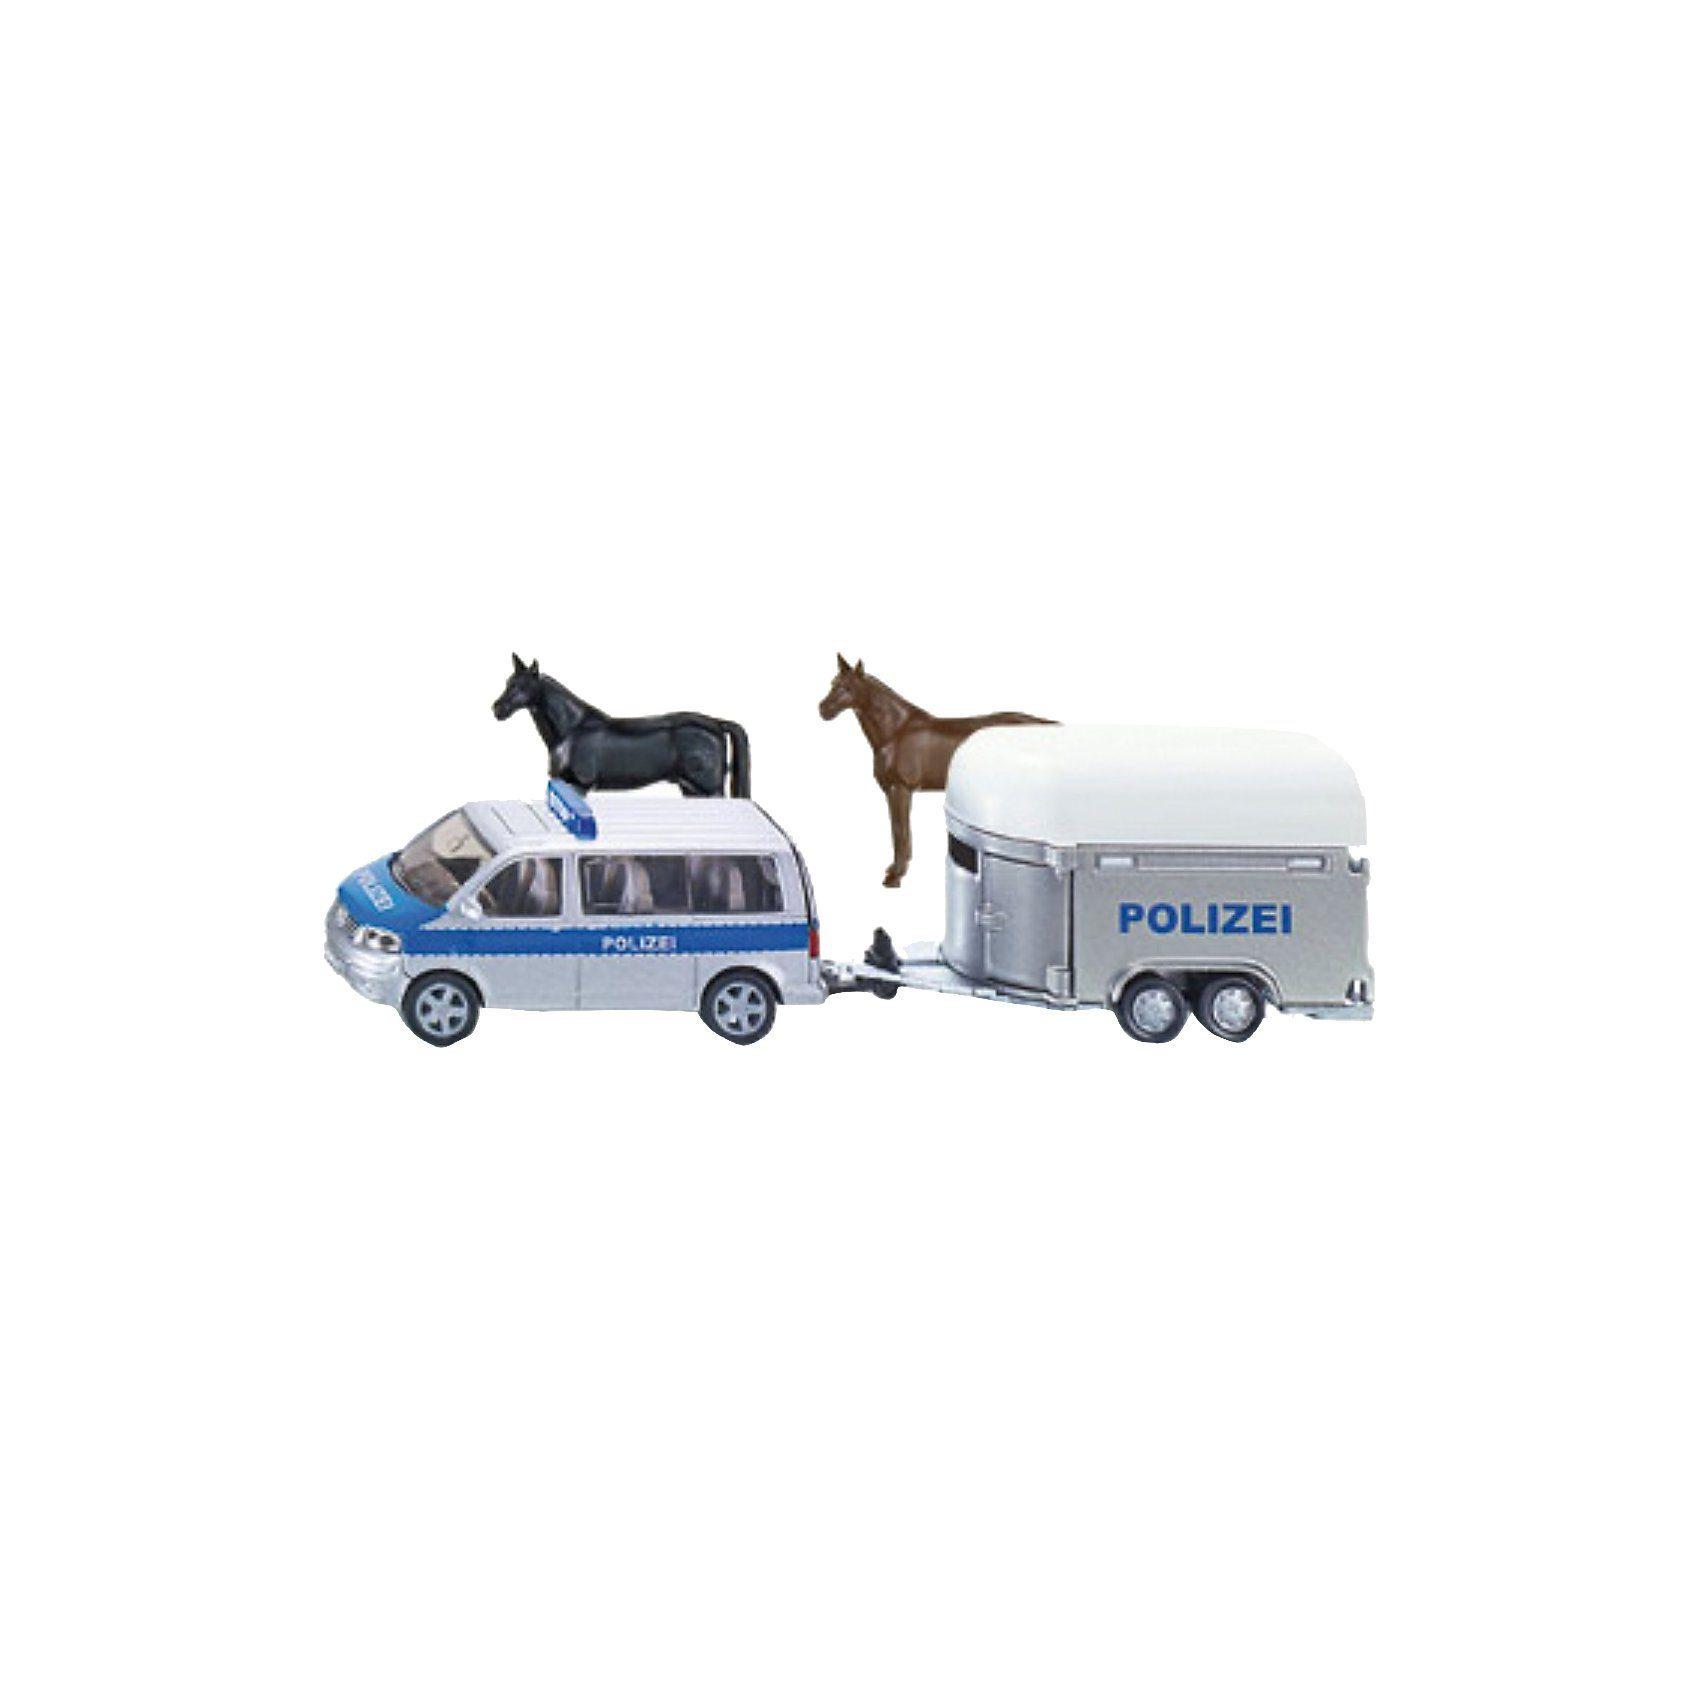 SIKU 2310 Polizei PKW mit Pferdeanhänger 1:55